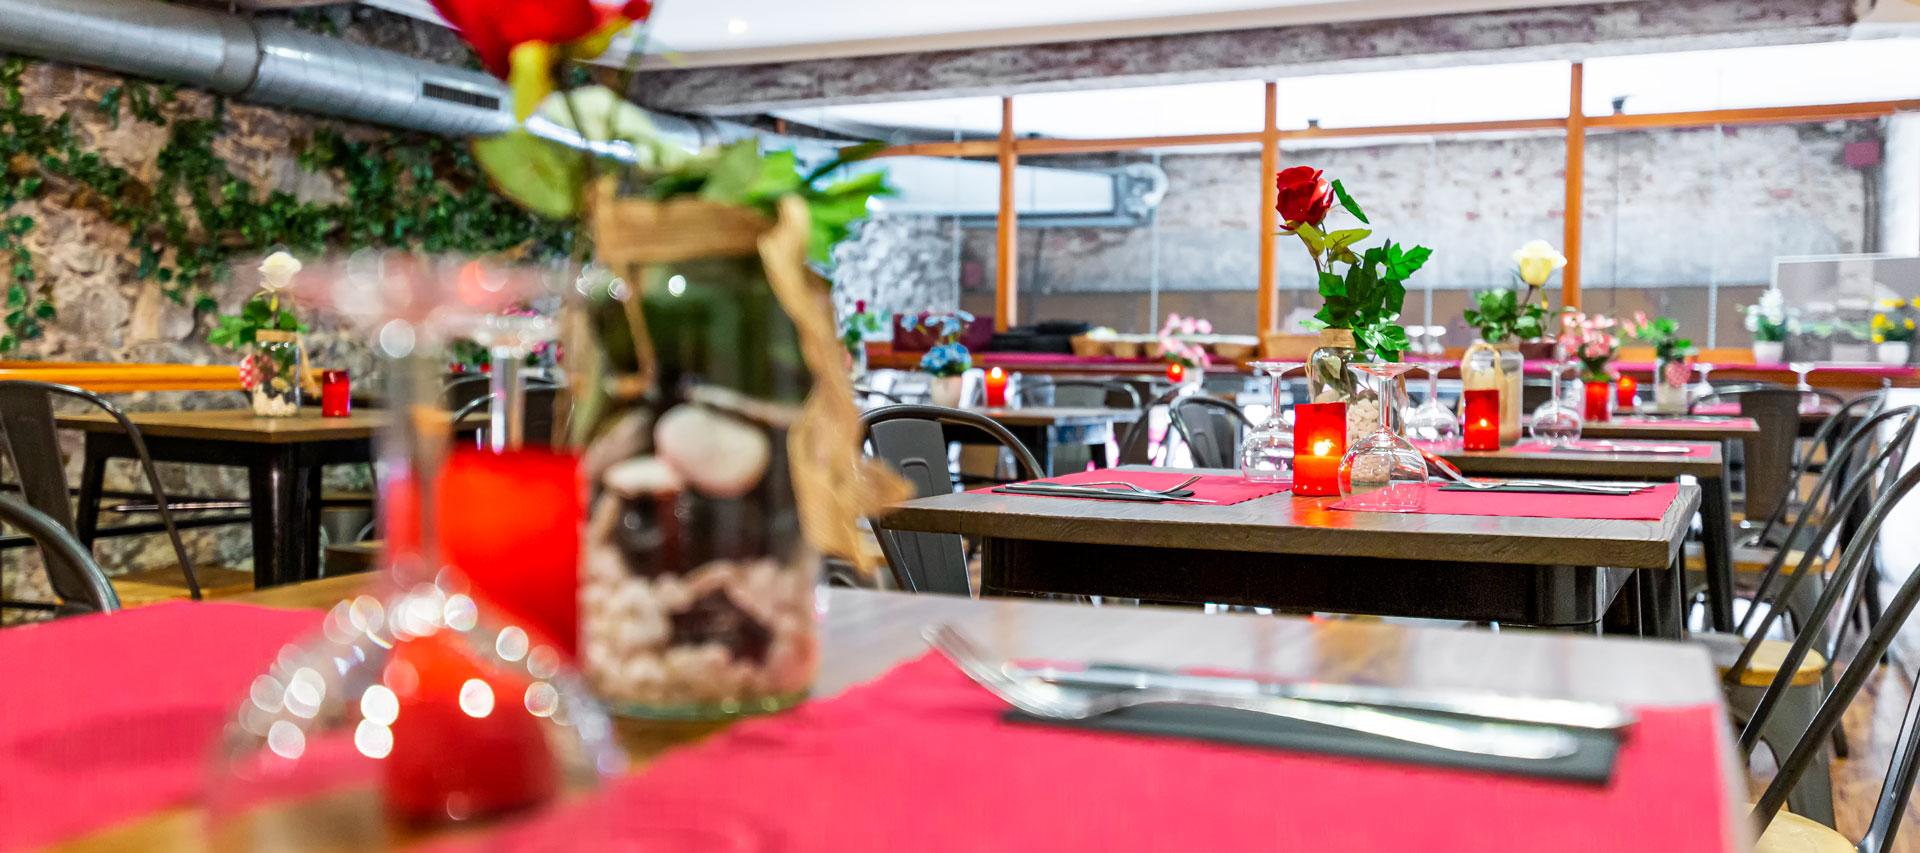 grupo-quebec-restaurante-4